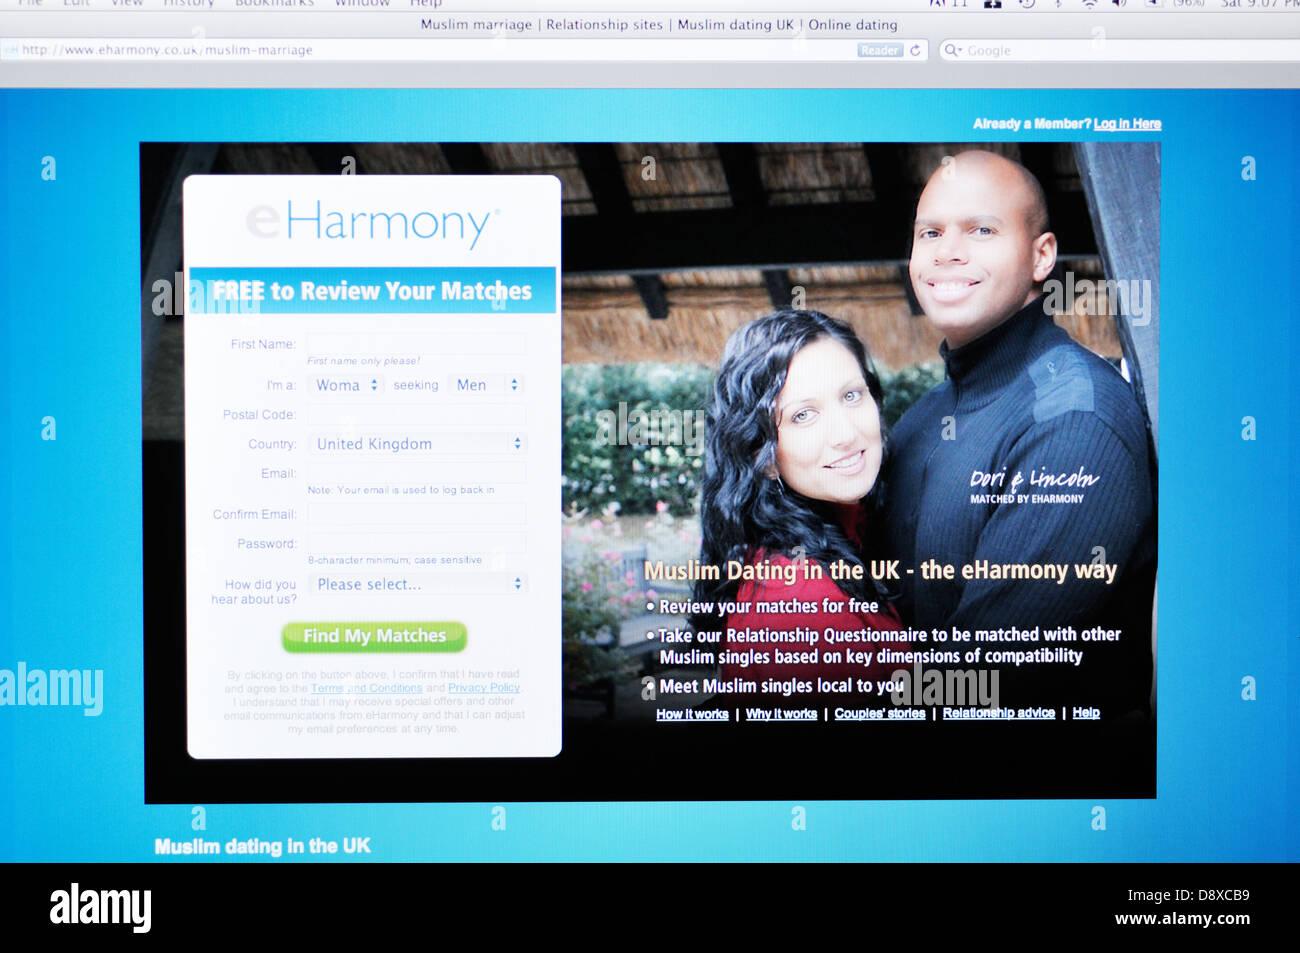 käyttöönotto otsikko dating Website